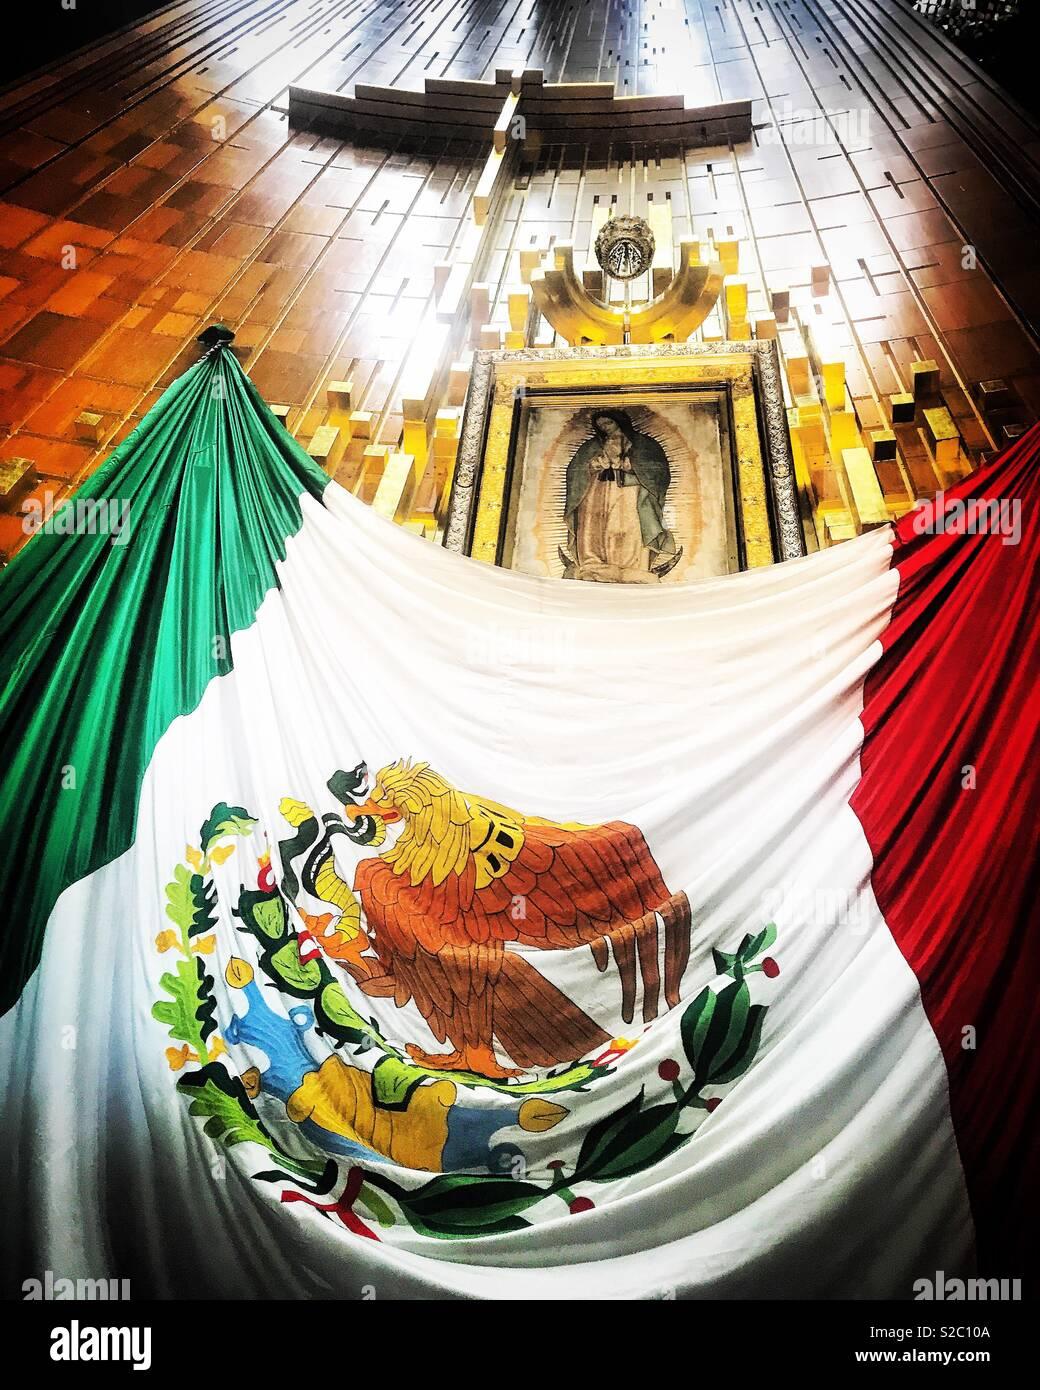 La bandiera messicana copre l altare di Nostra Signora di Guadalupe a Città del Messico Immagini Stock